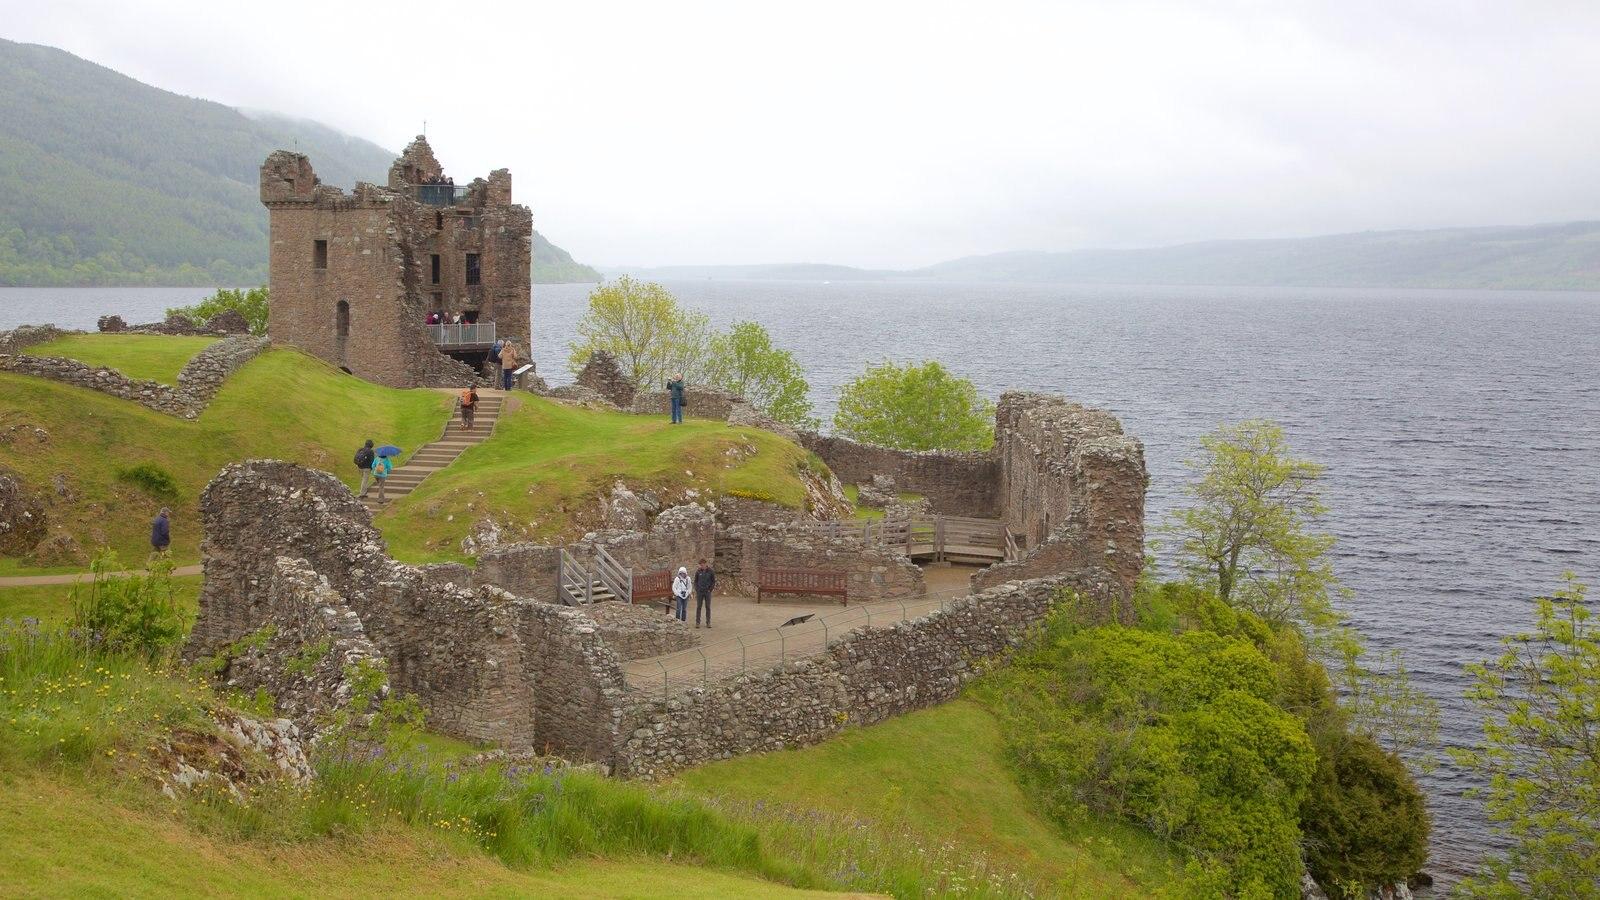 Castillo de Urquhart ofreciendo una ruina, elementos del patrimonio y un lago o abrevadero